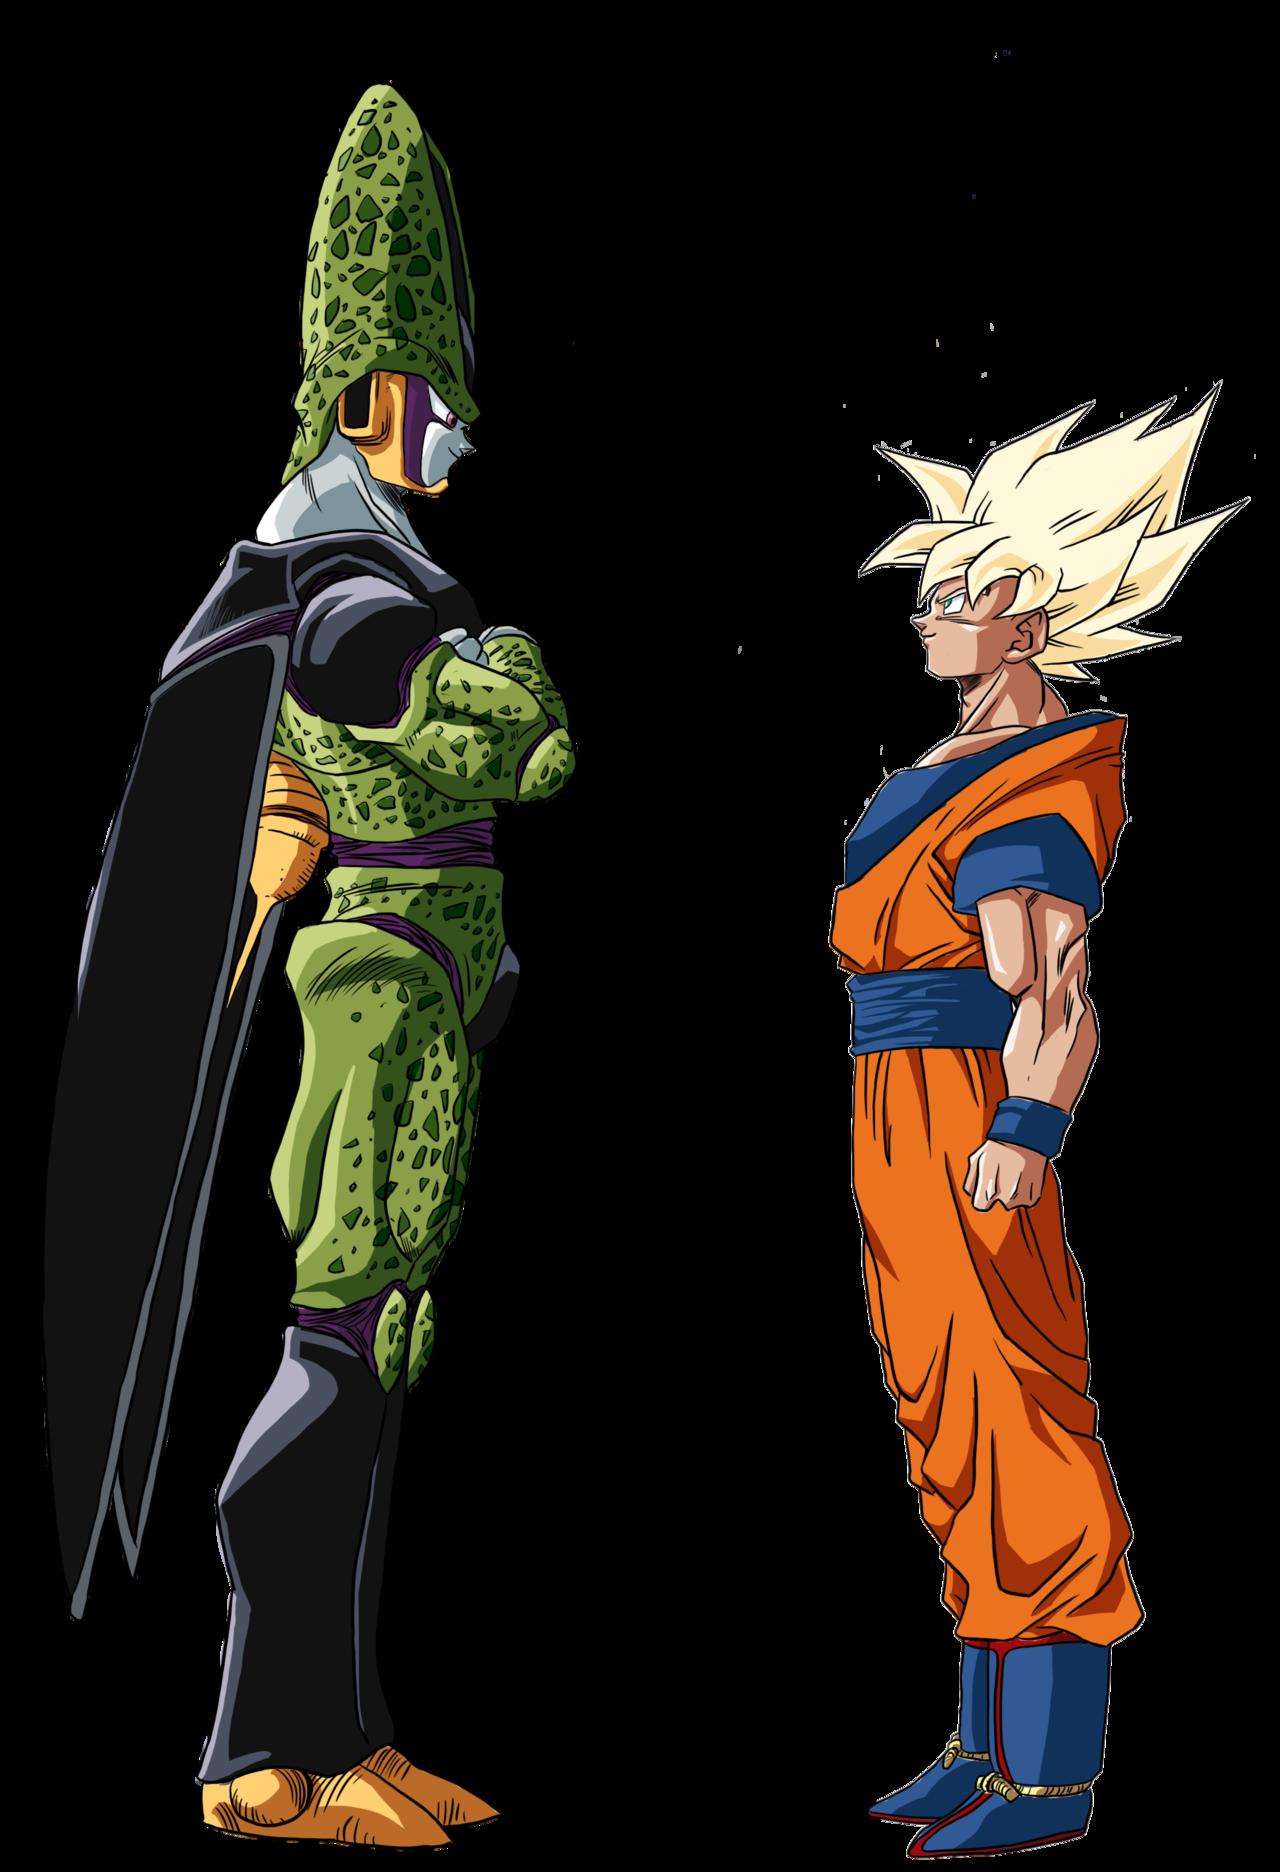 Goku Cell Color Dragon Ball Goku Dragon Ball Super Manga Anime Dragon Ball Super